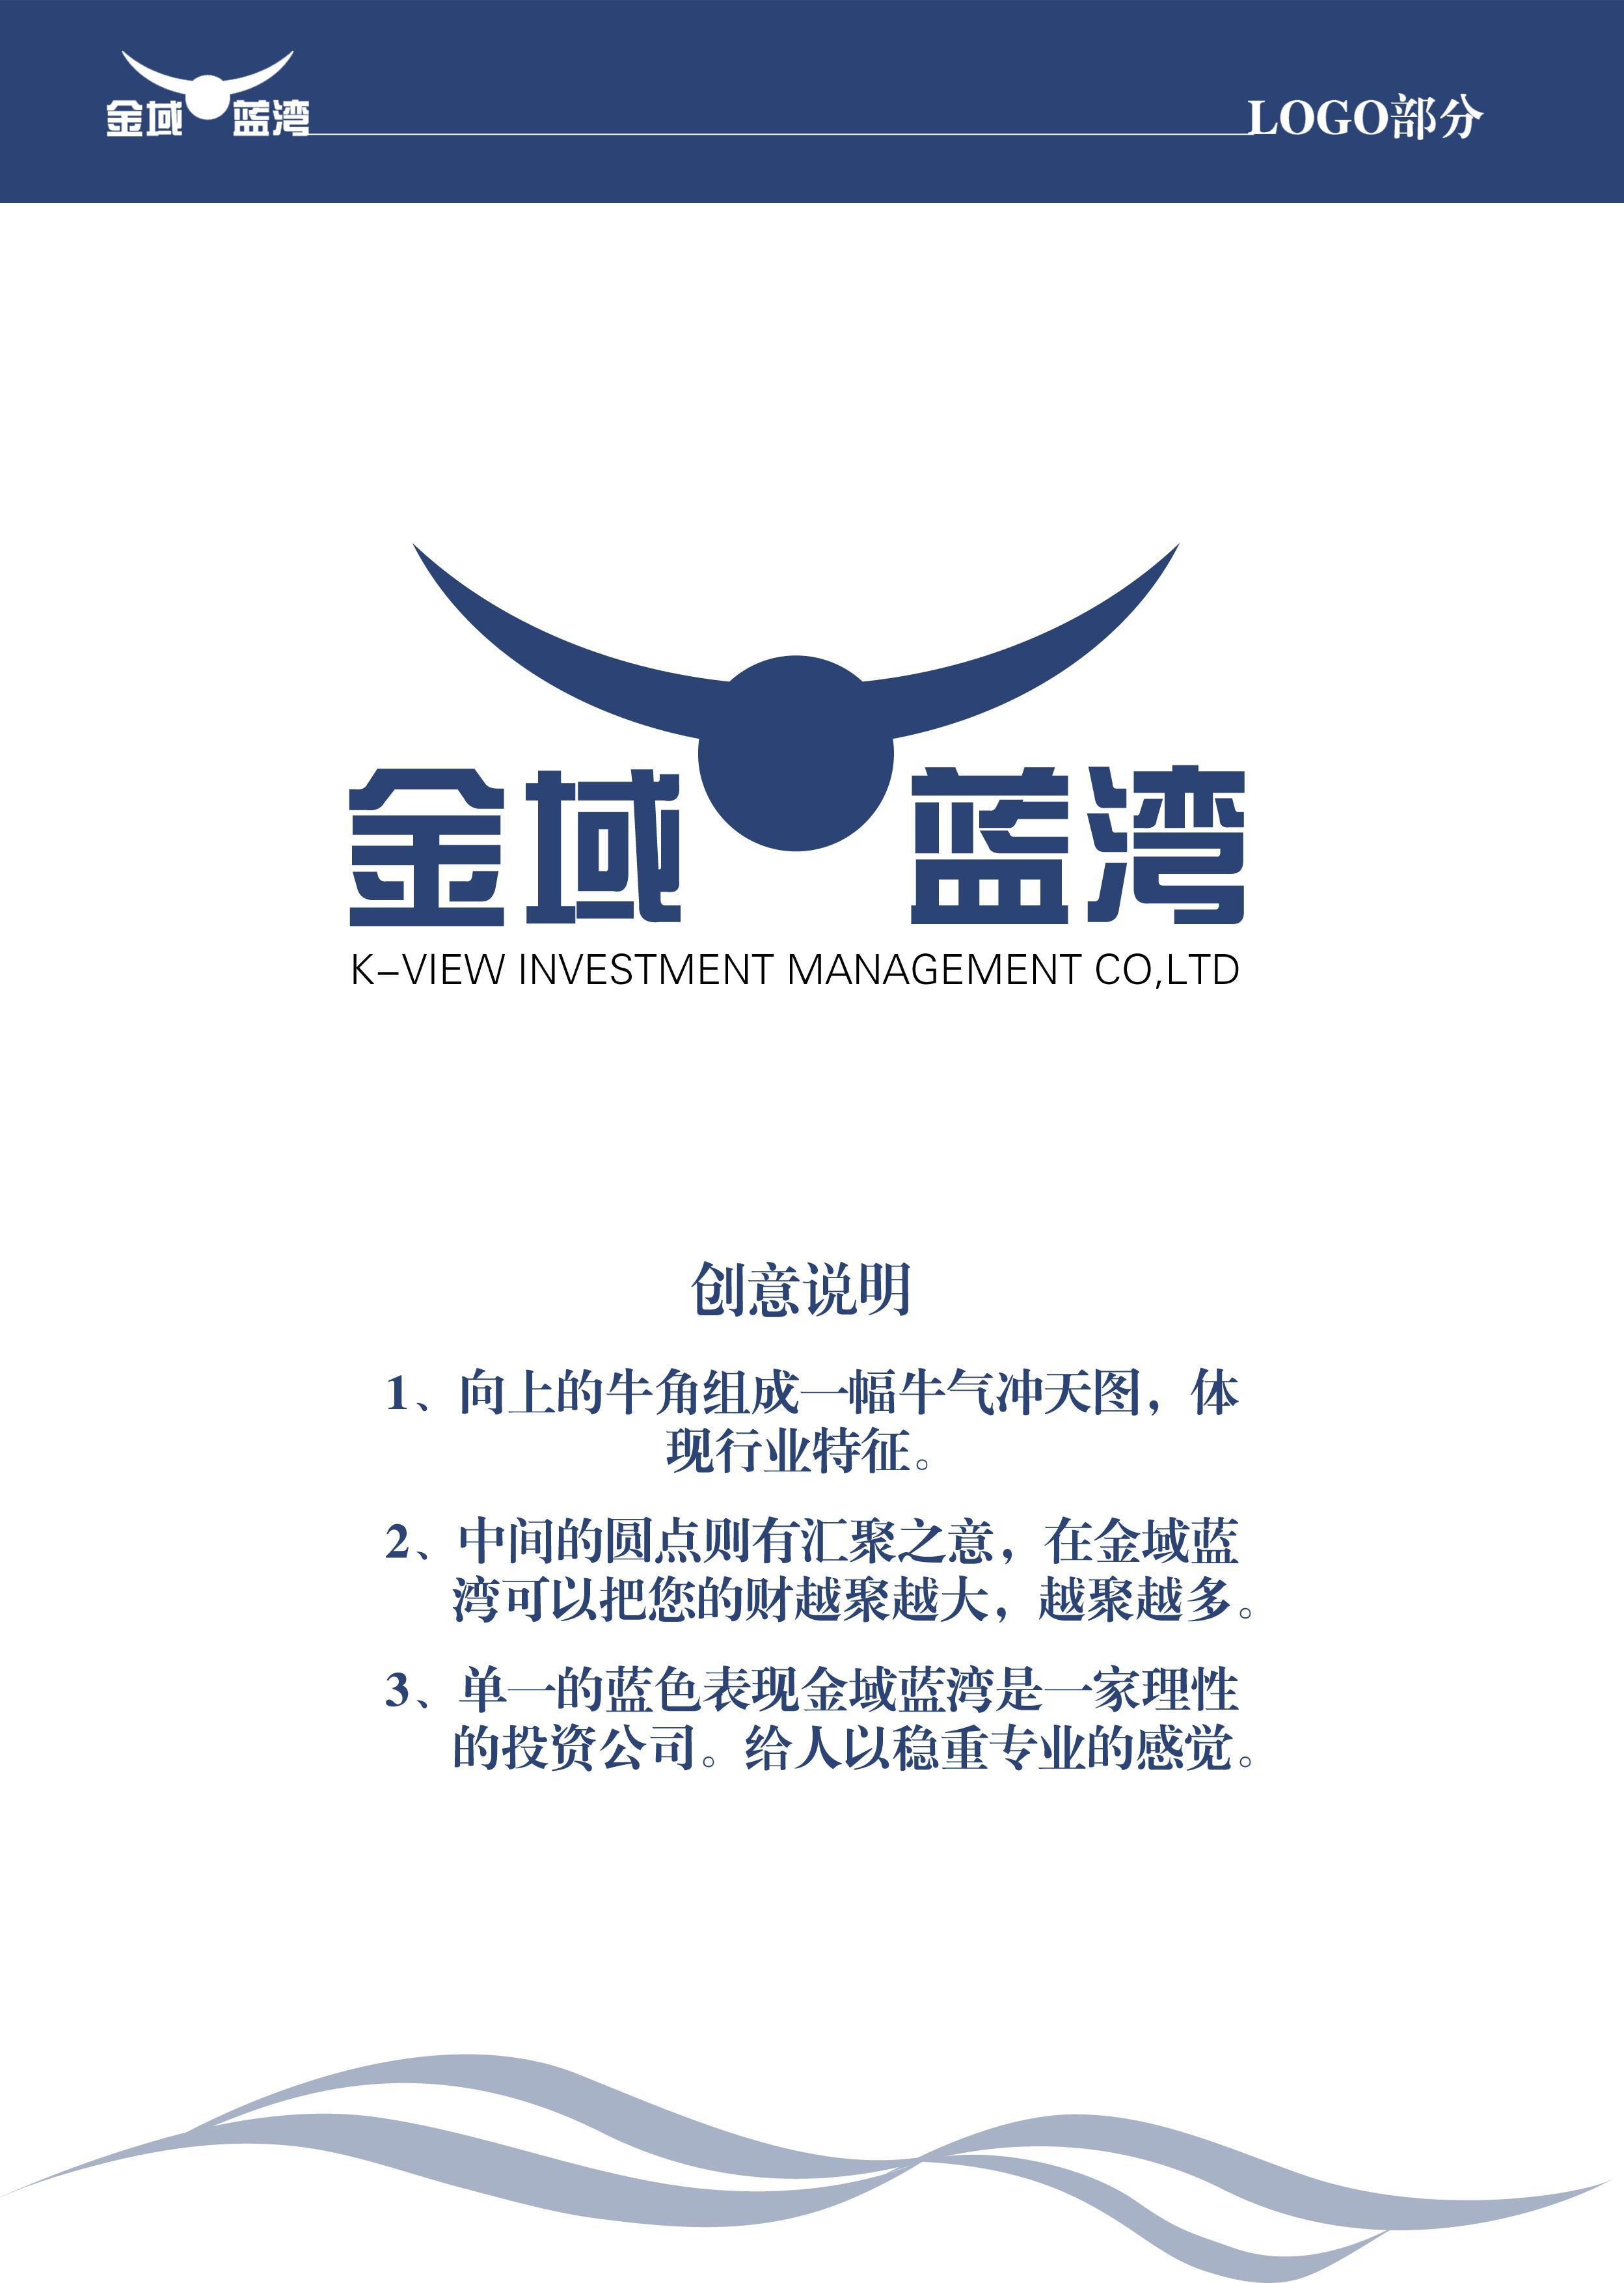 金域蓝湾 logo和简单vi(已加英文名称)_977427_k68威客网